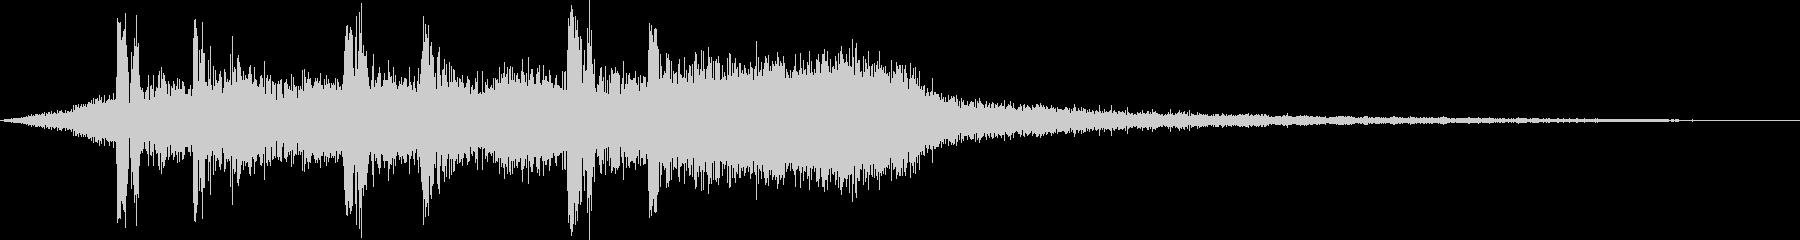 オープニング用サウンドロゴ31(生命)の未再生の波形